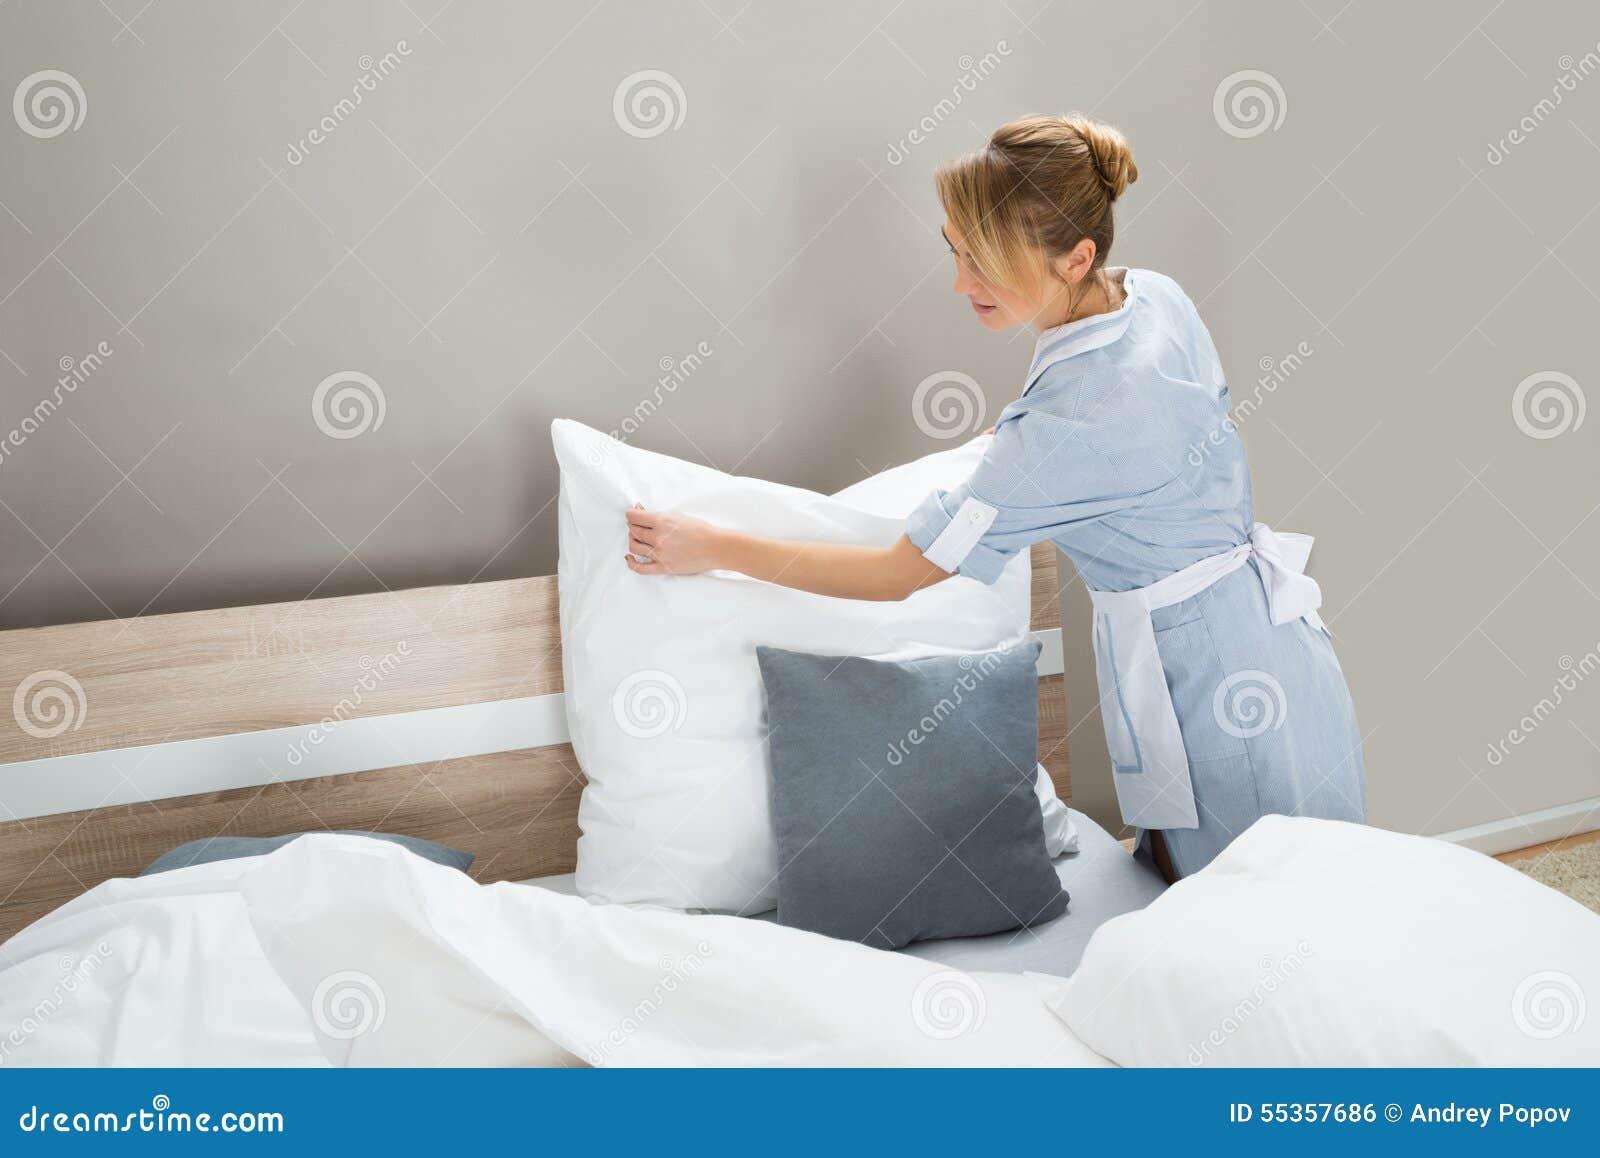 Lavoratore di governo della casa che mette i cuscini bianchi